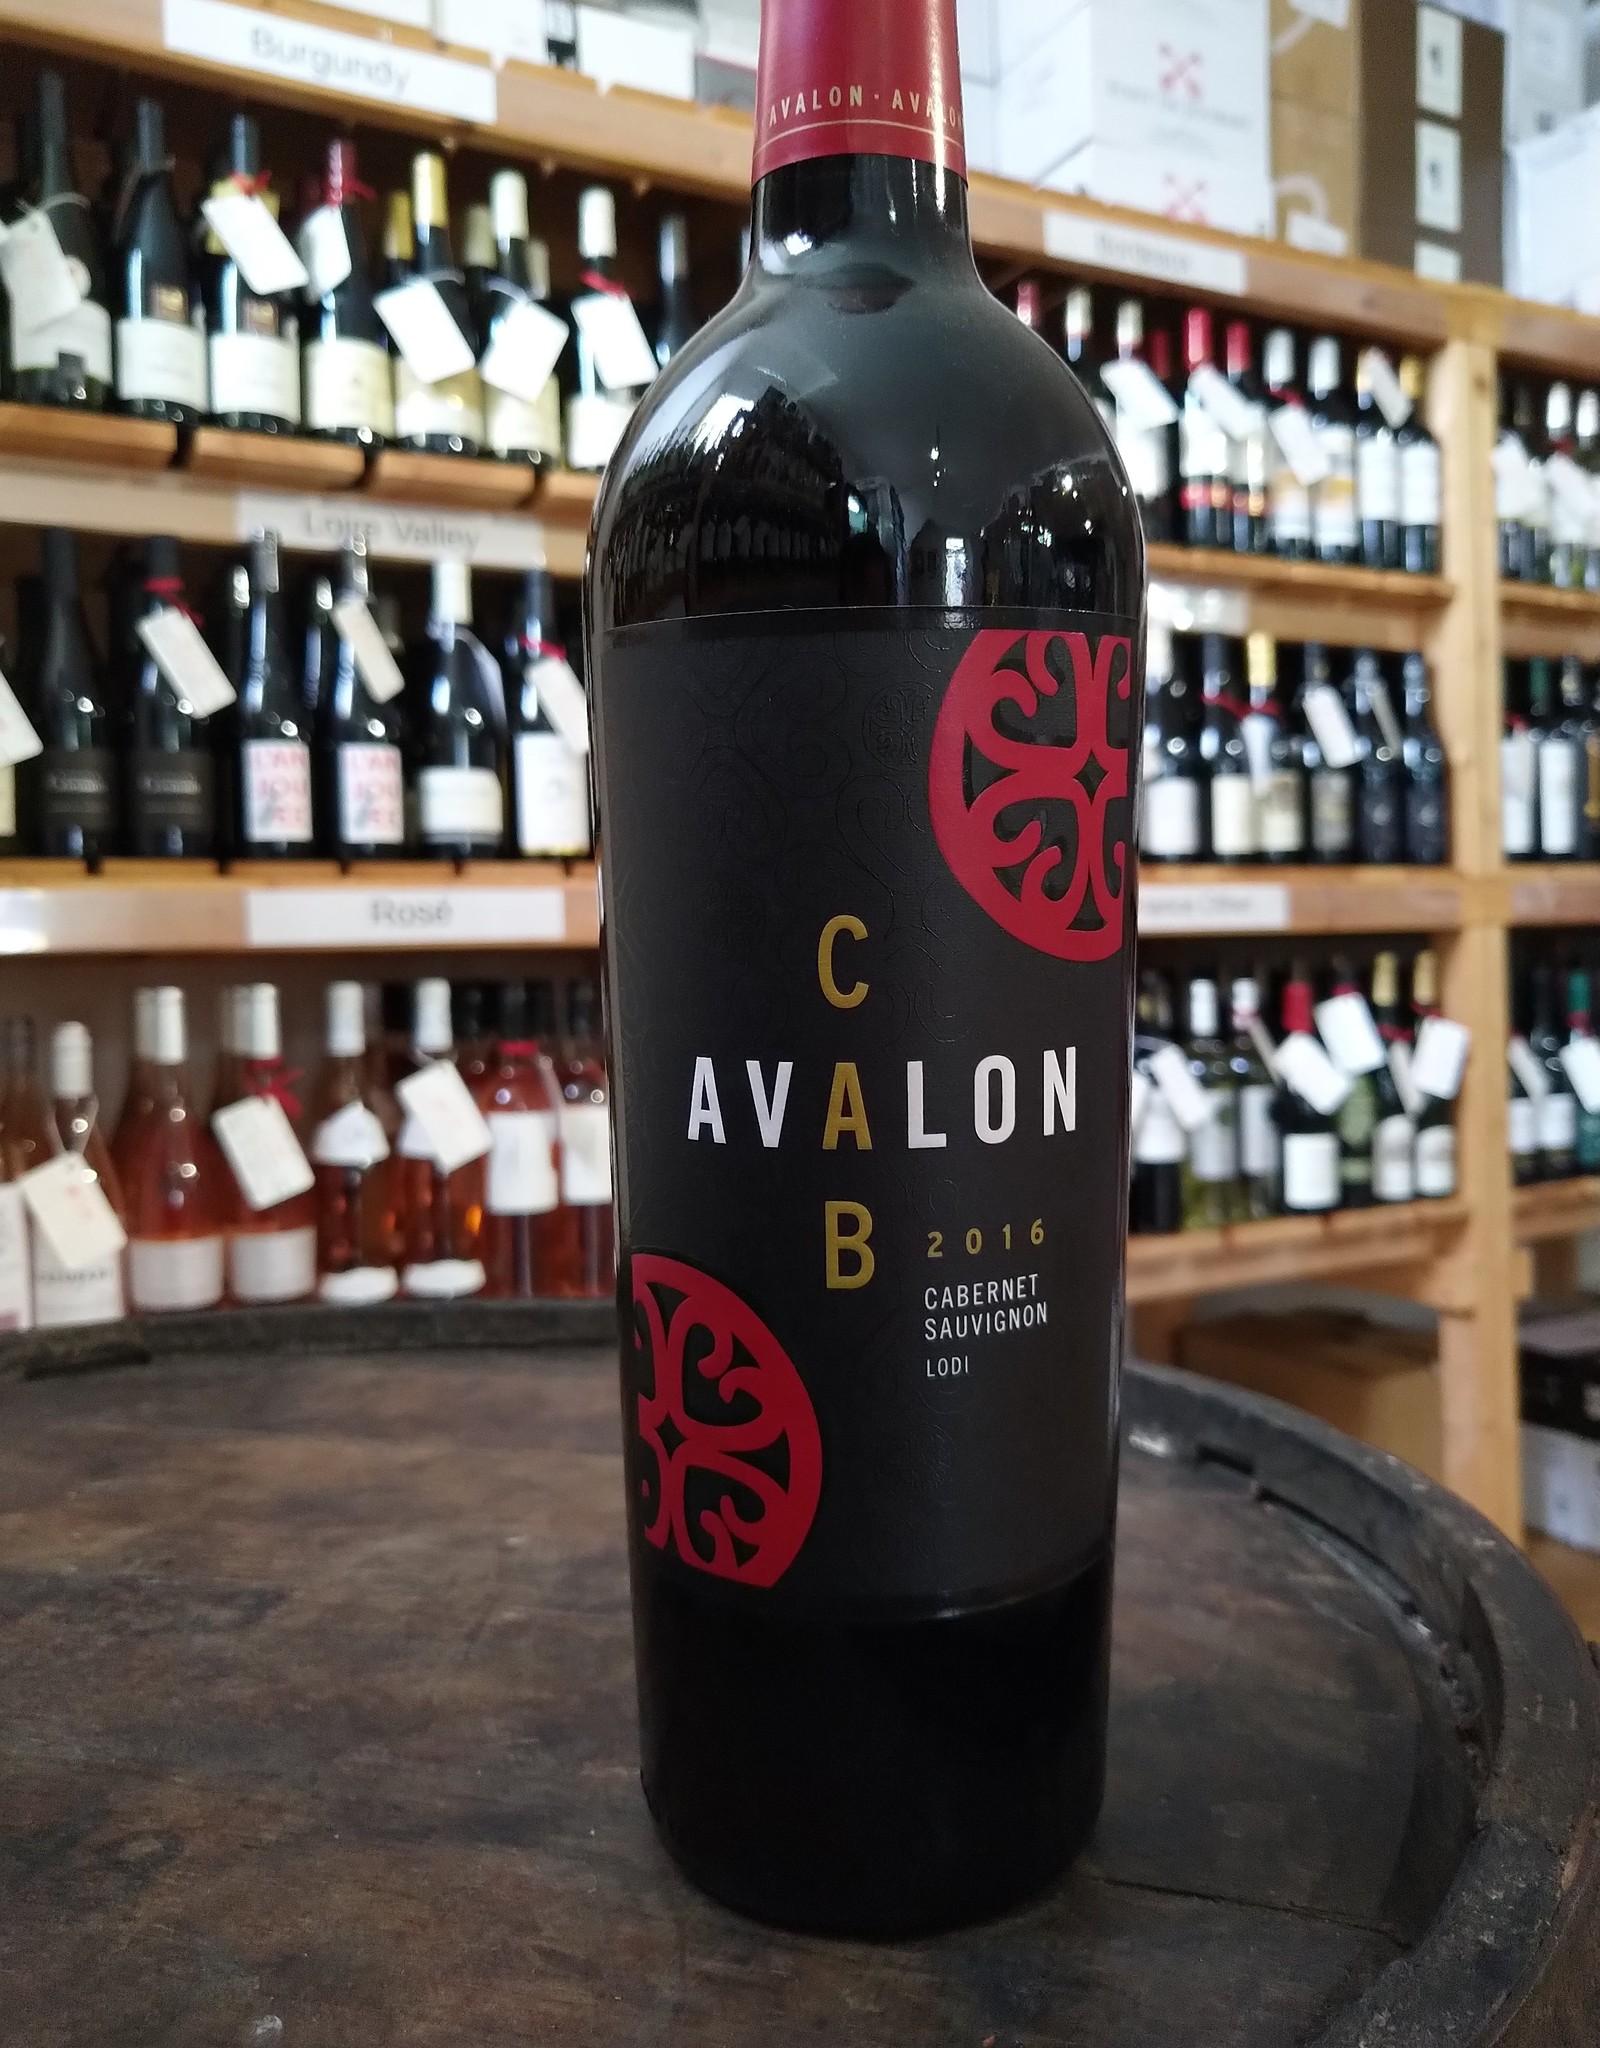 Avalon Cabernet Sauvignon, Lodi